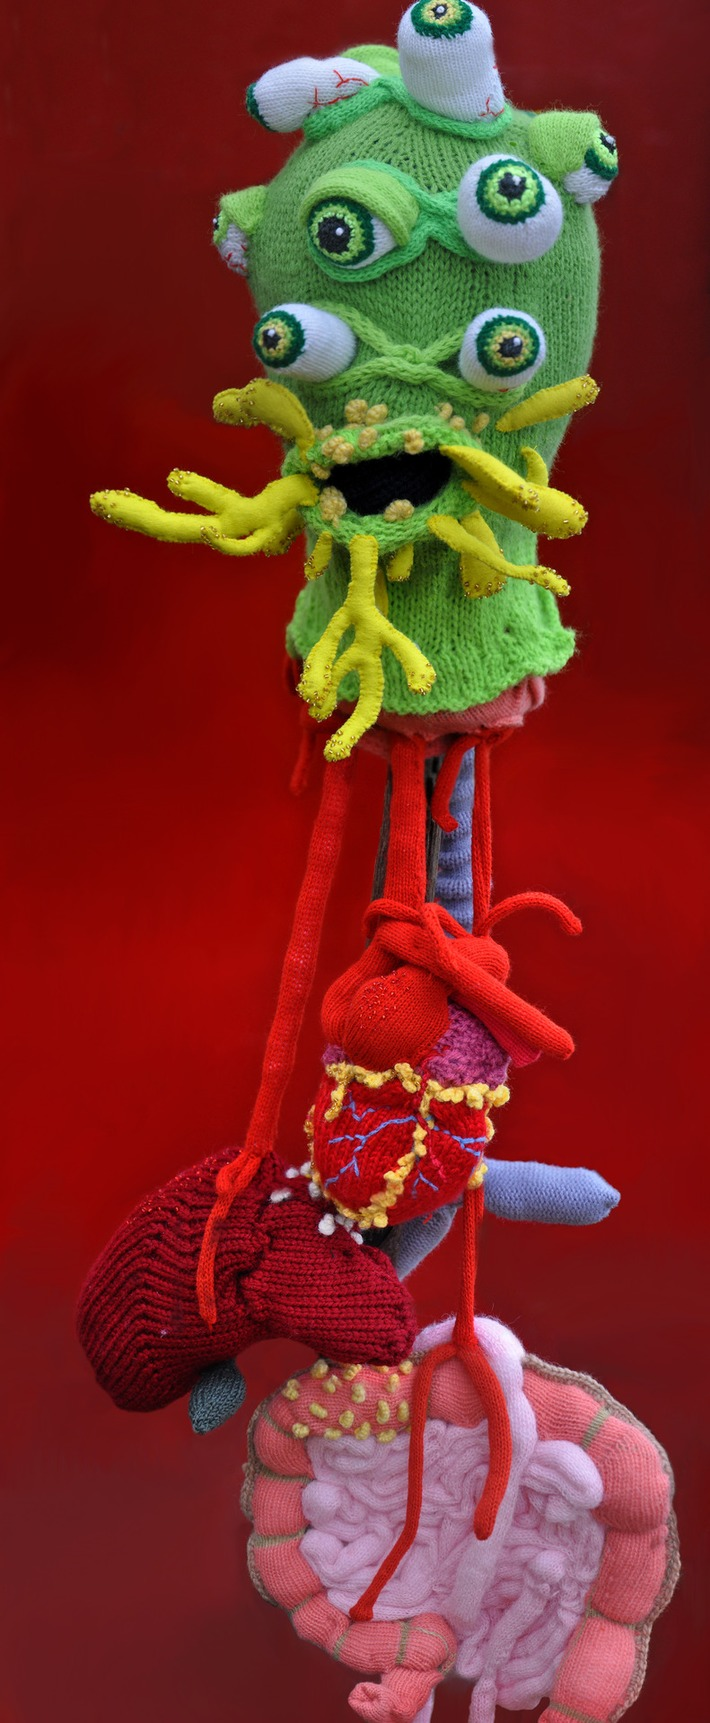 Brutal Knitting | For Art's Sake-1 | Scoop.it